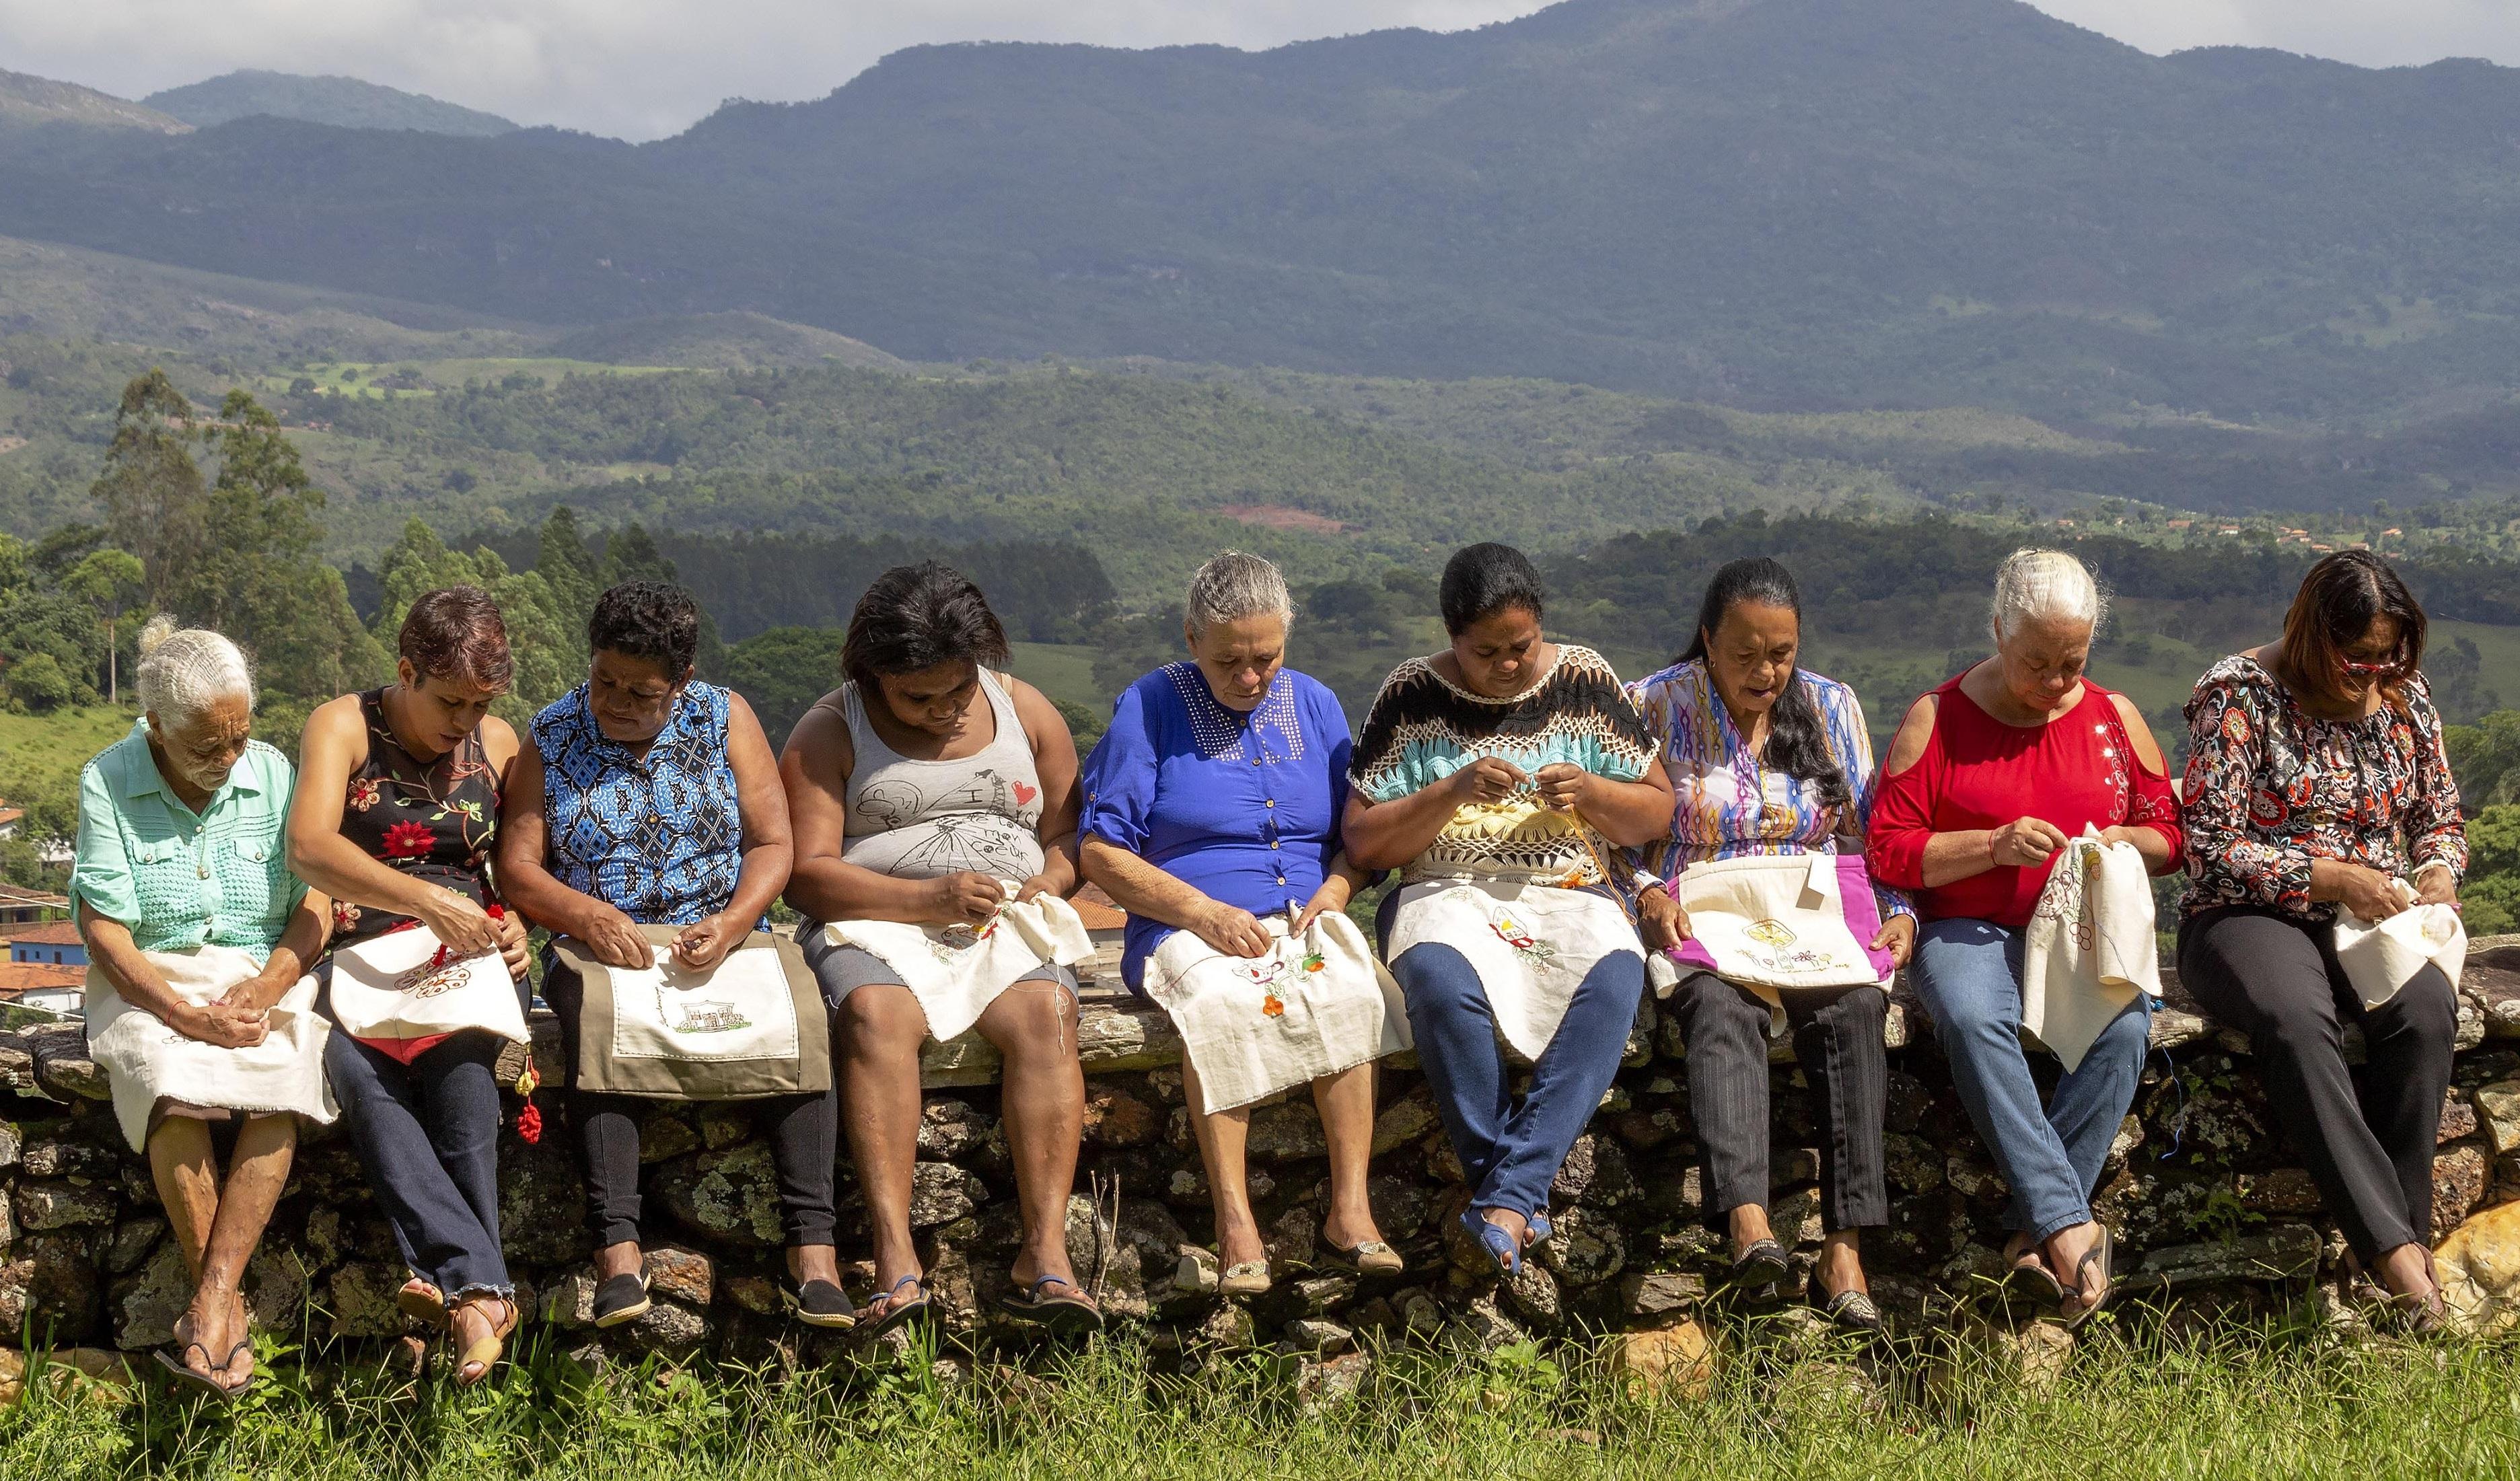 Artesãs da região Central de Minas Gerais ganham catálogo para divulgar seu trabalho